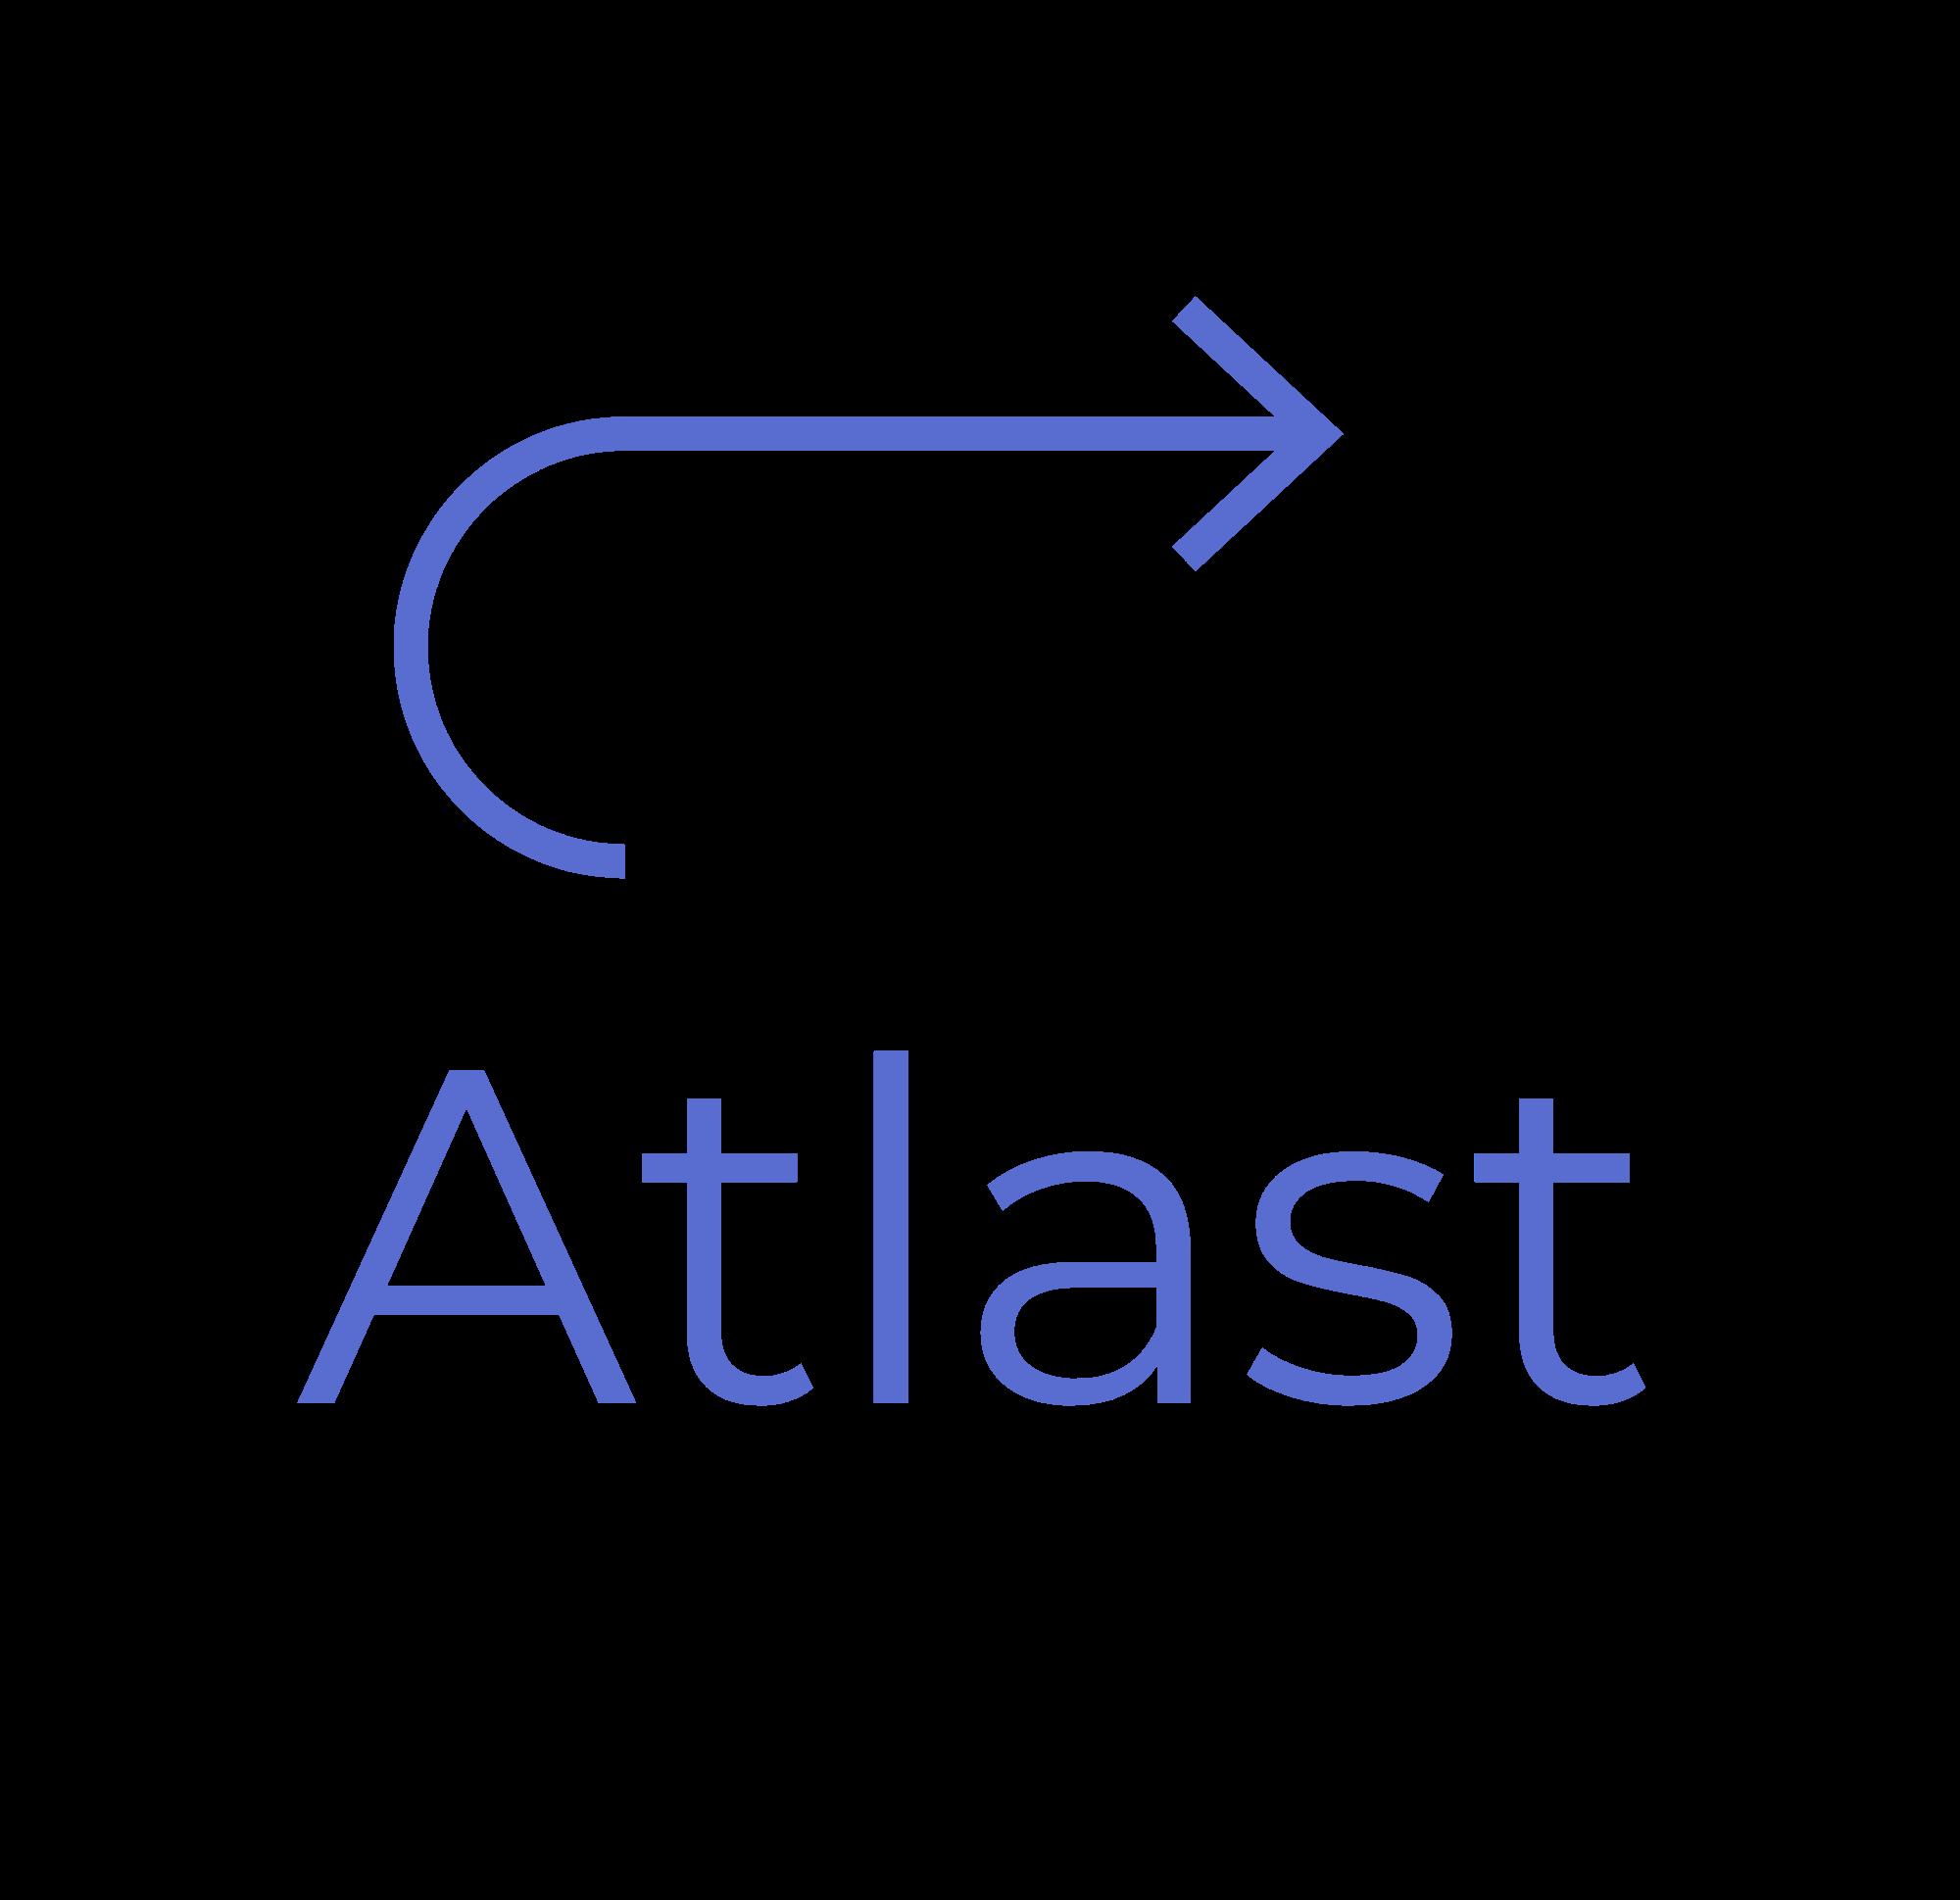 Atlast-logo color .png